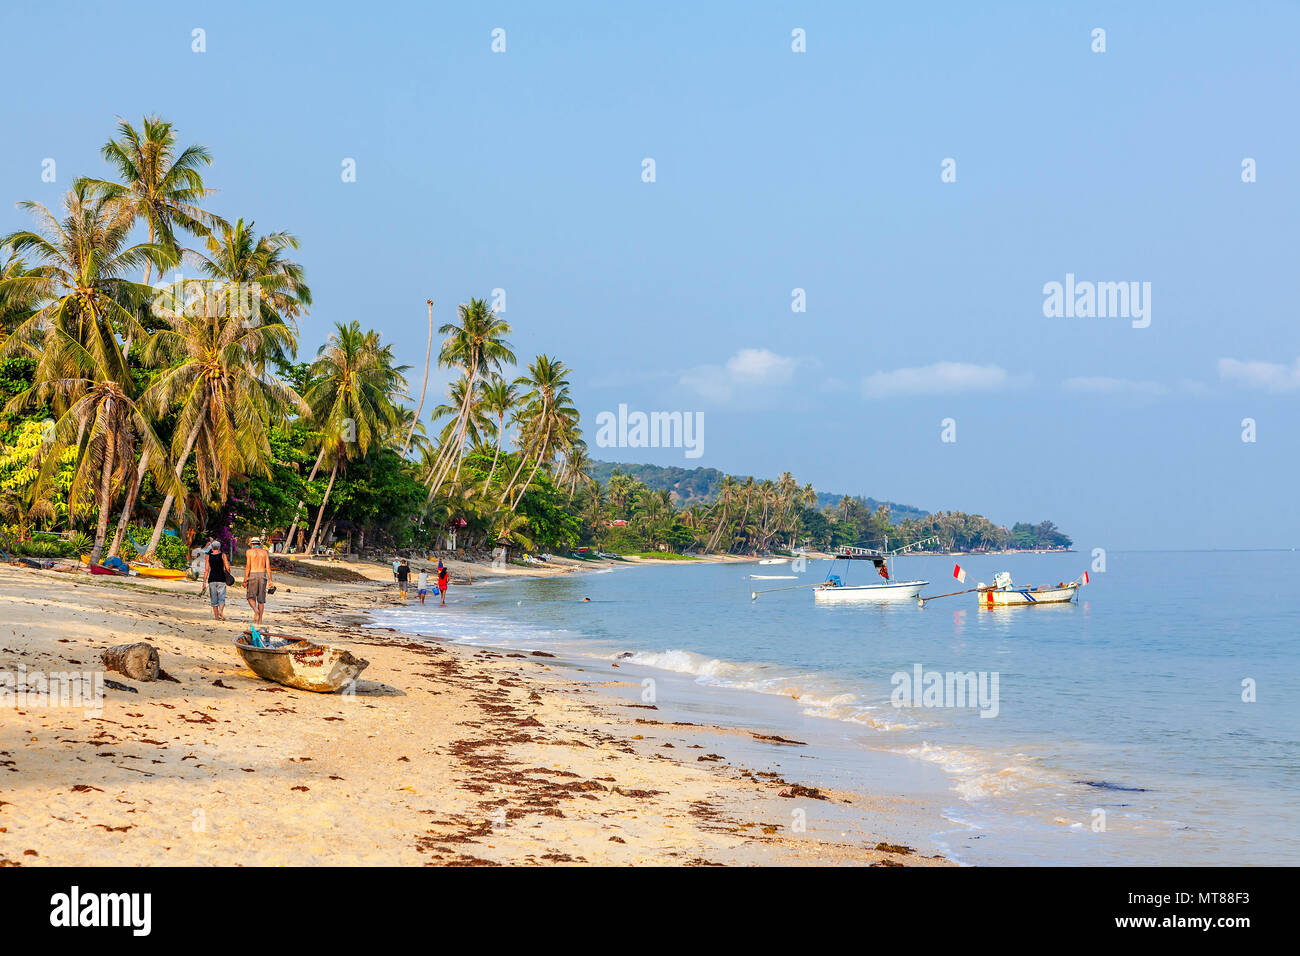 Matin ensoleillé sur la plage de Bang Po. L'île de Samui. La Thaïlande. Photo Stock